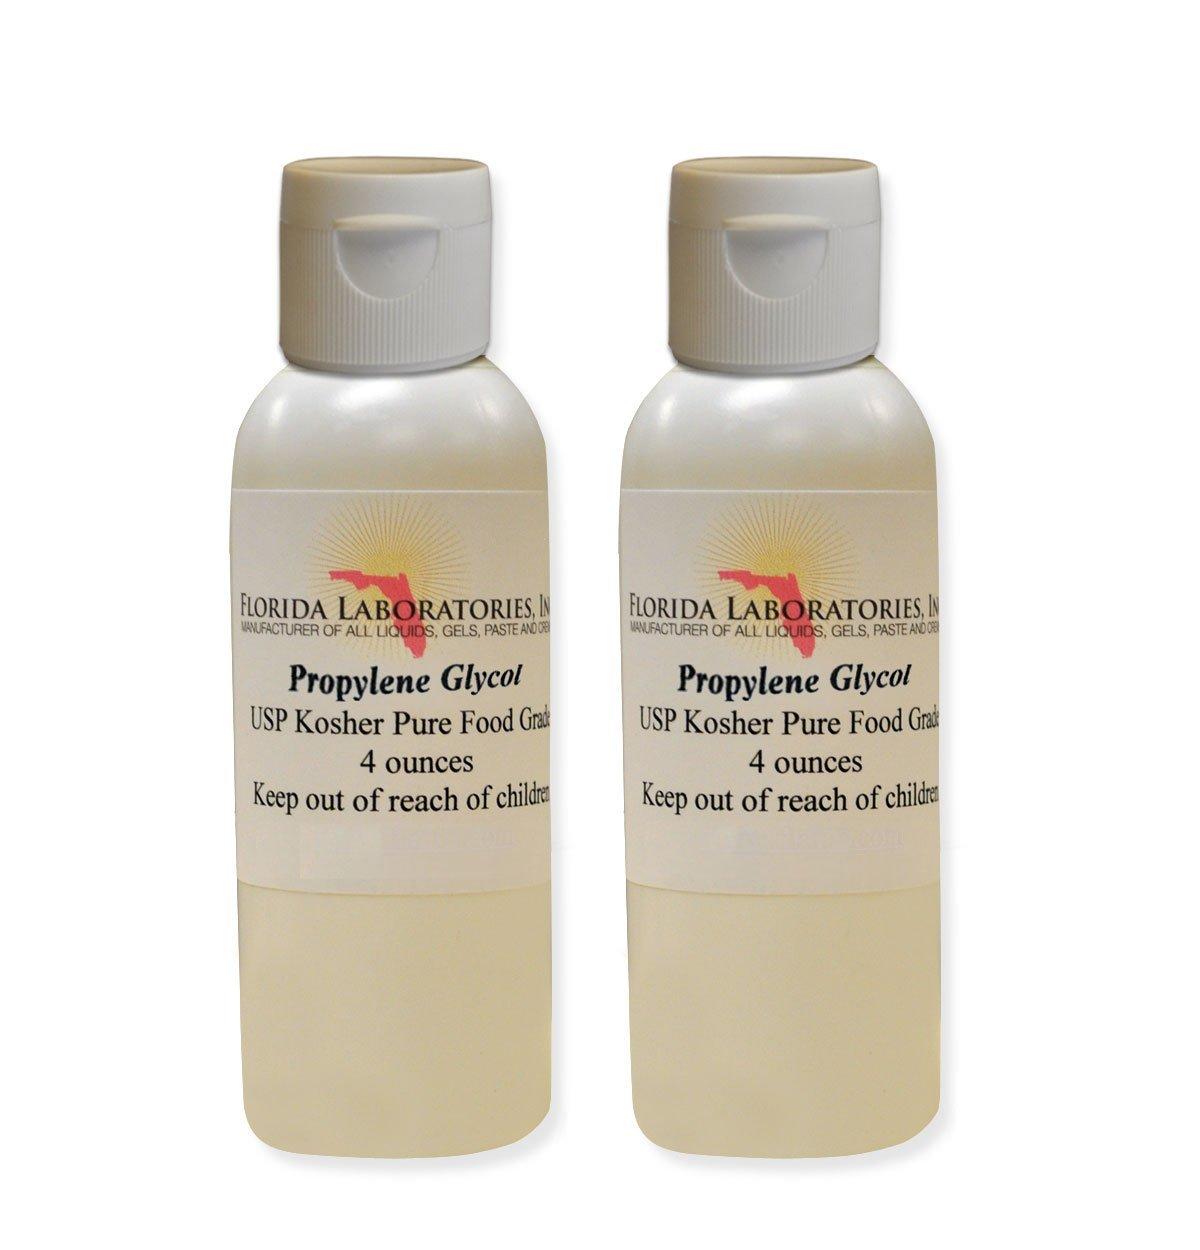 2 Bottles 4 oz of Propylene Glycol USP PG Kosher PG 99.9% Pure Food Grade